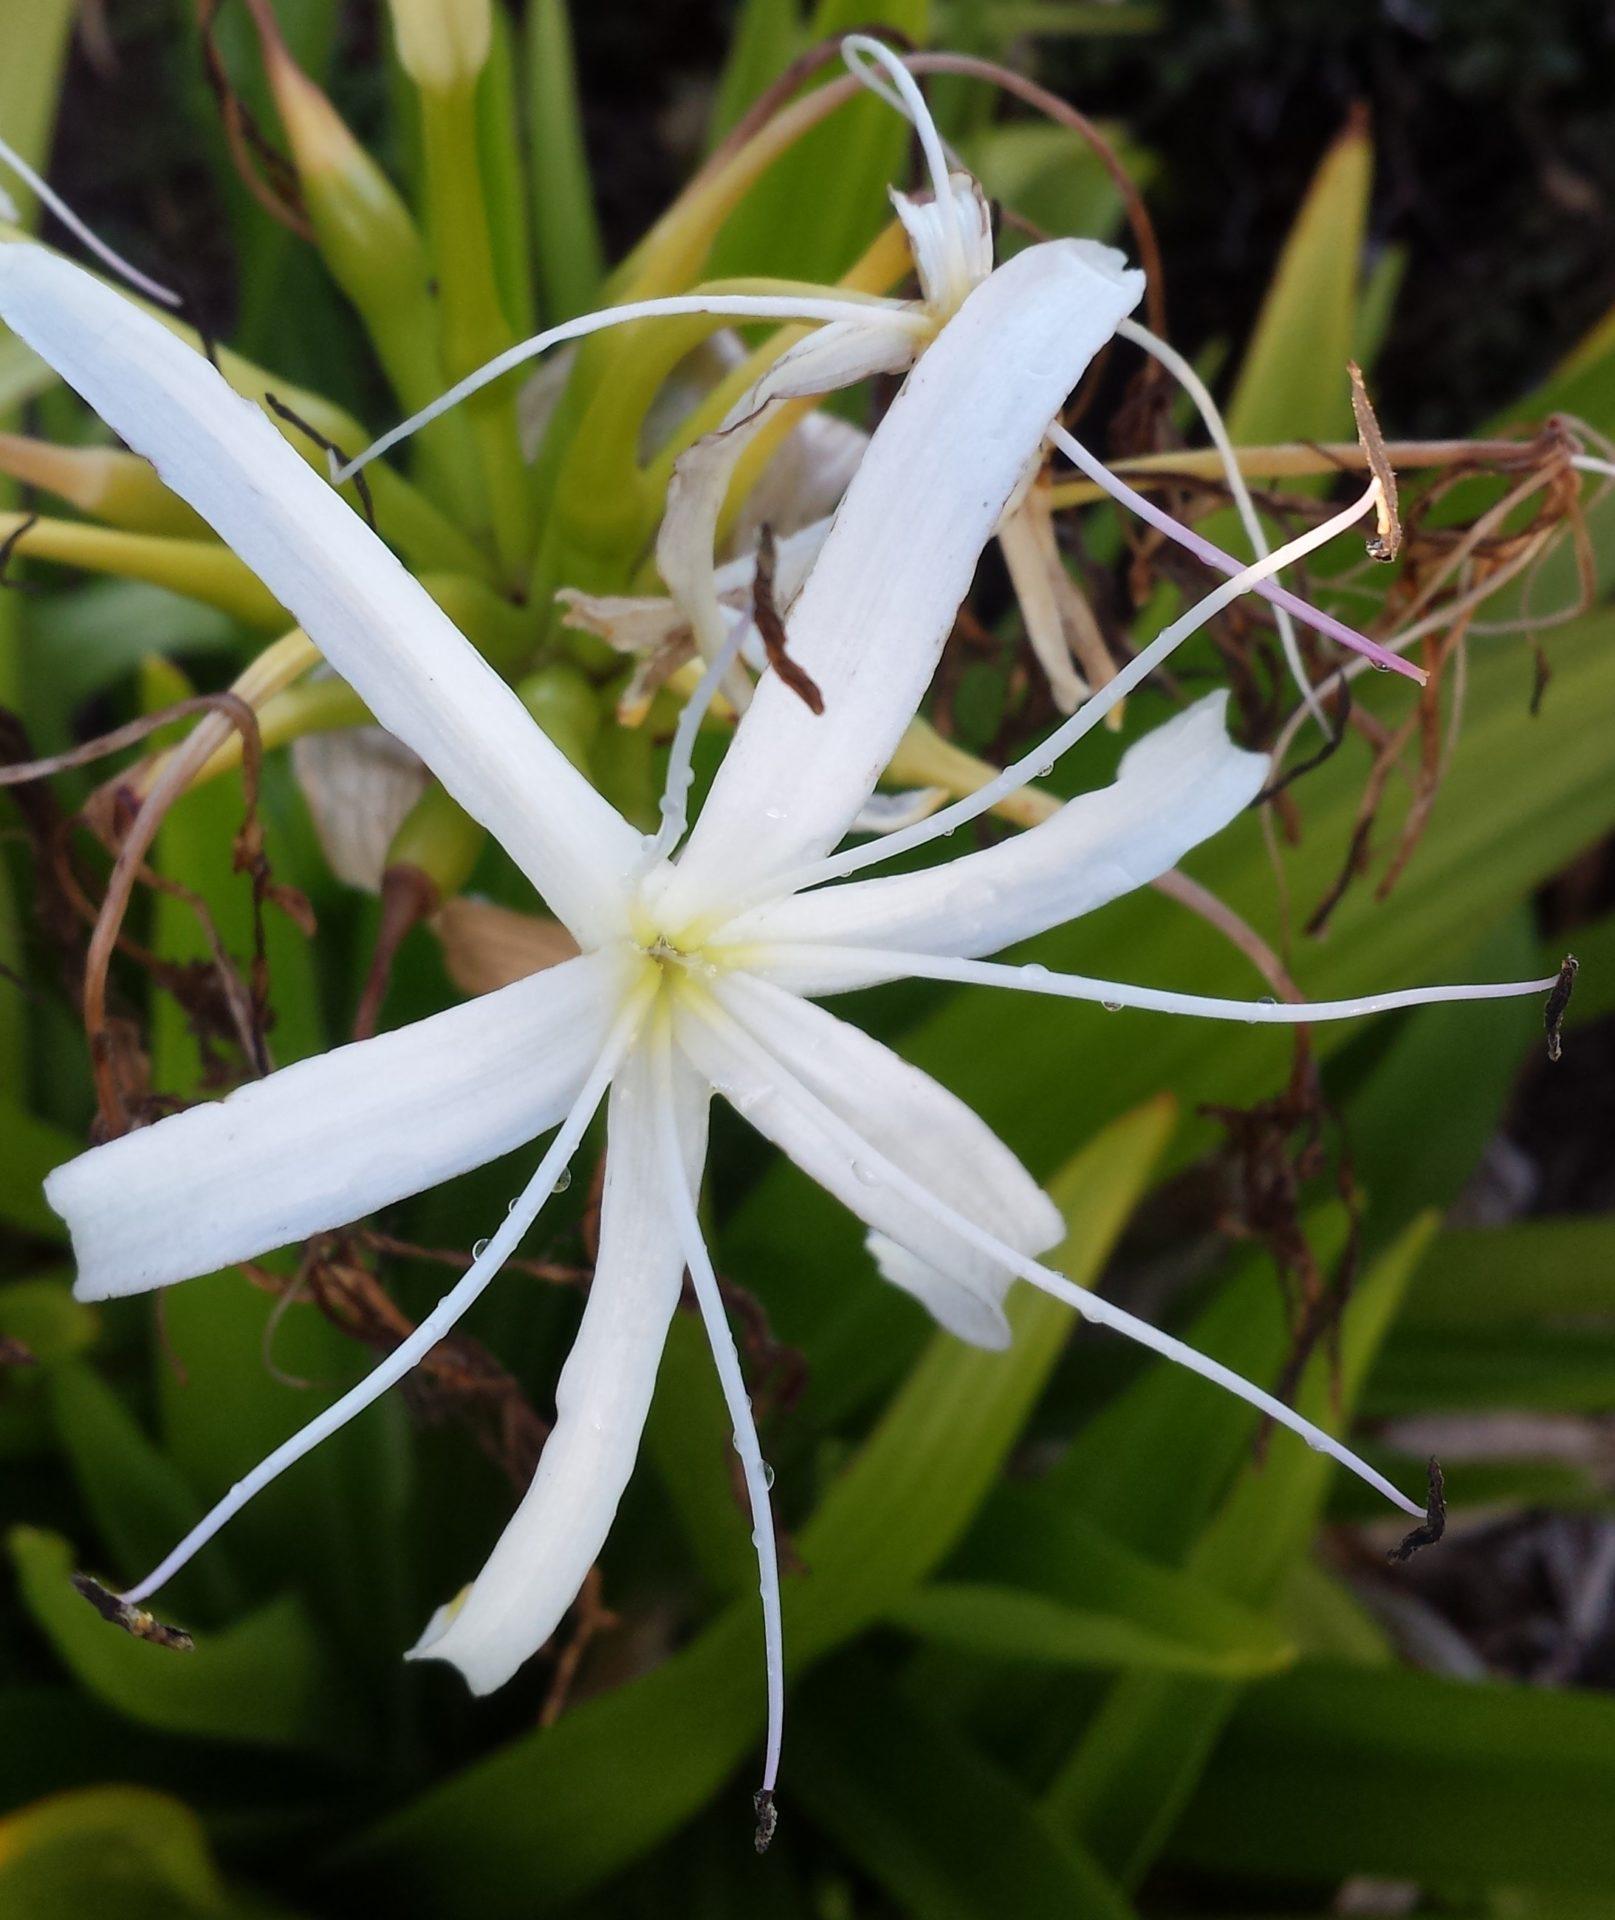 Exotic White Flower